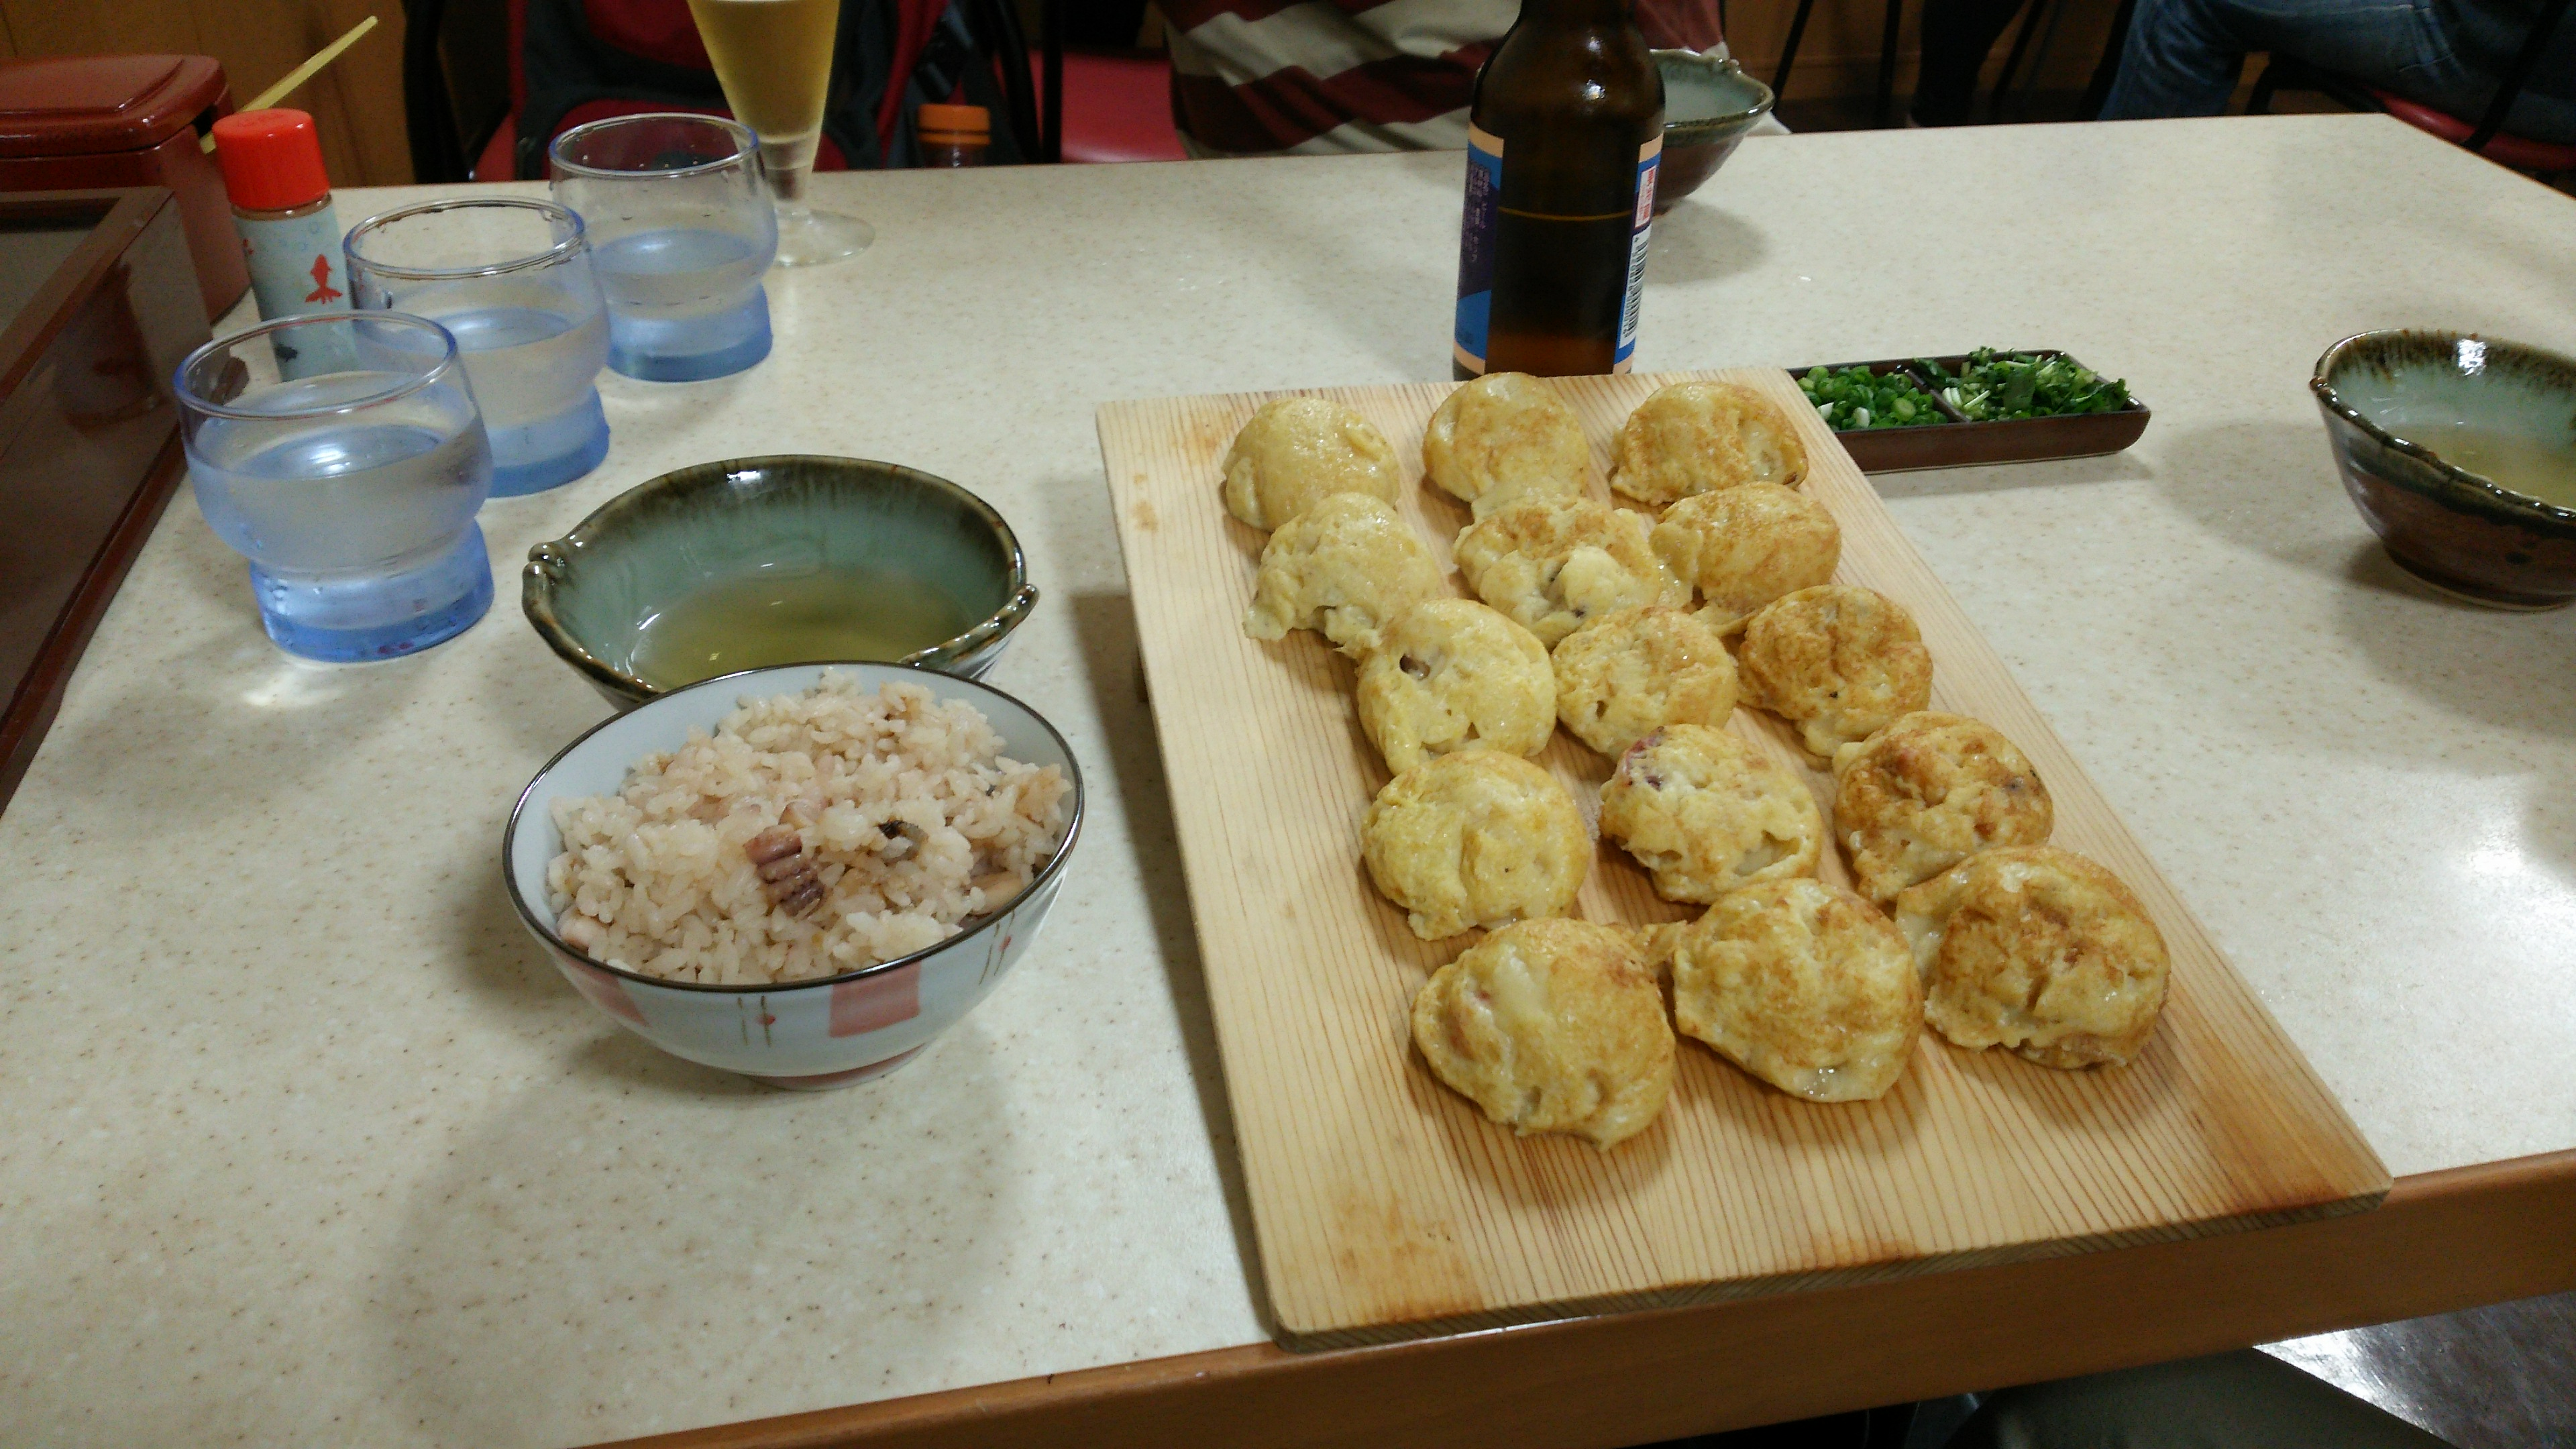 富田林,大阪狭山市にお住まいで食べ歩きや旅行を楽しみたい方はくめ鍼灸整骨院へ